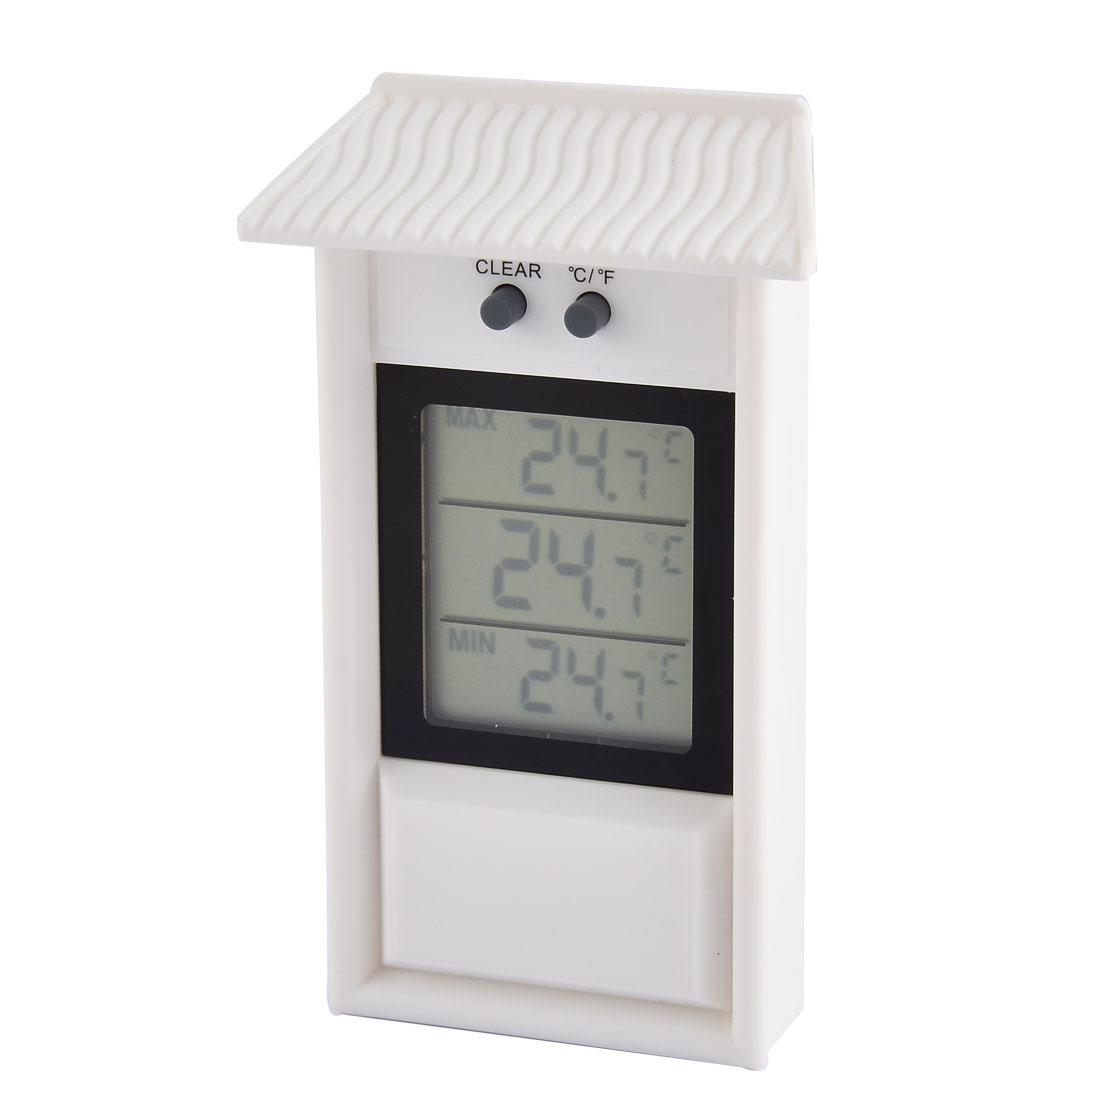 Garden Outdoor Fridge Water Resistant Auto Sensor Memory Function Thermometer Temperature Meter